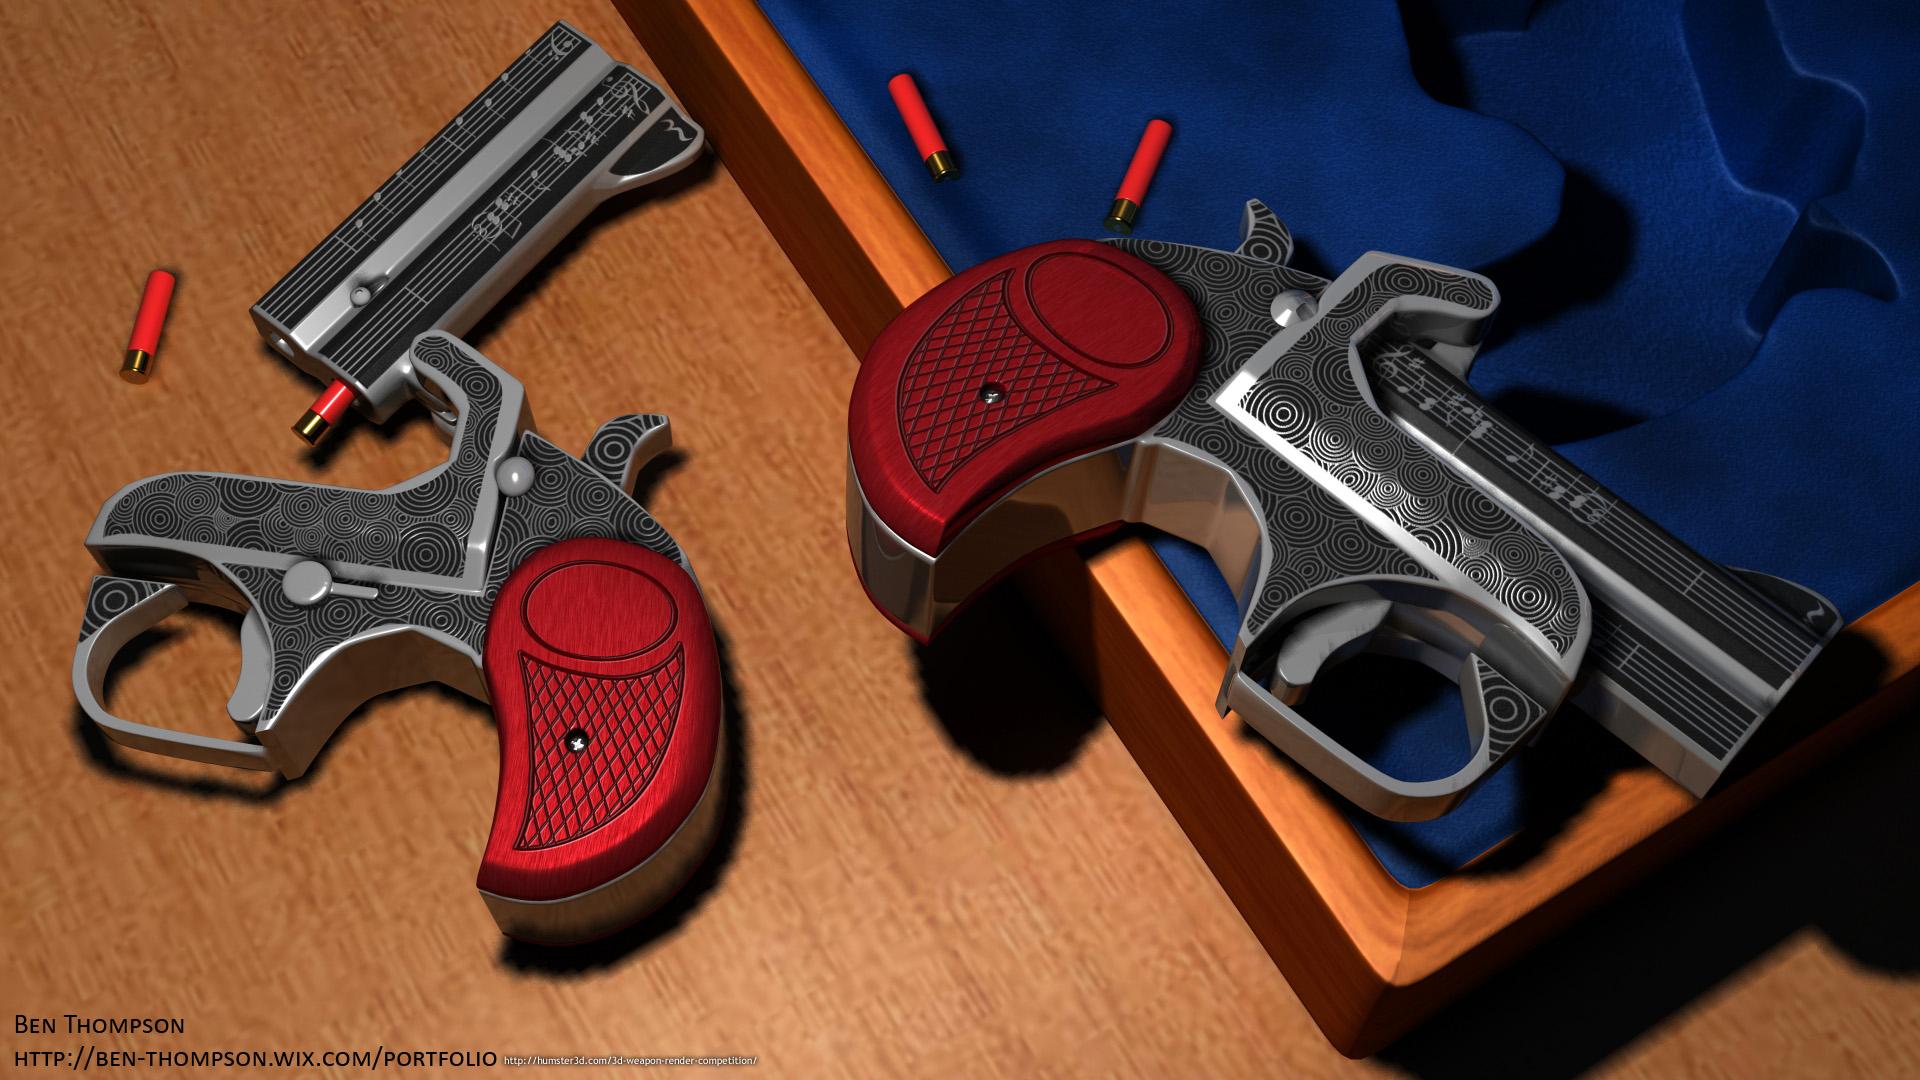 .410 Shotshell Derringer Pocket Pistols 3d art